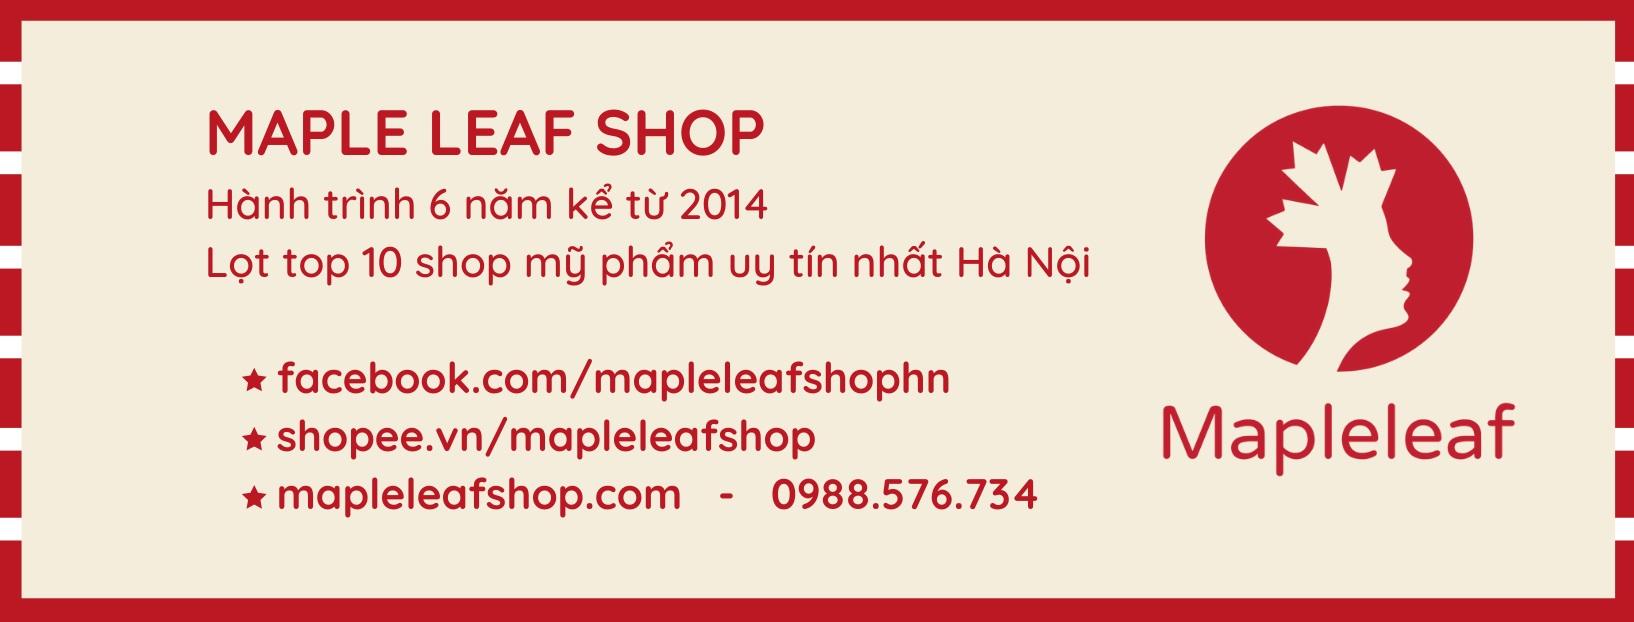 shop mỹ phẩm uy tín ở Hà nội